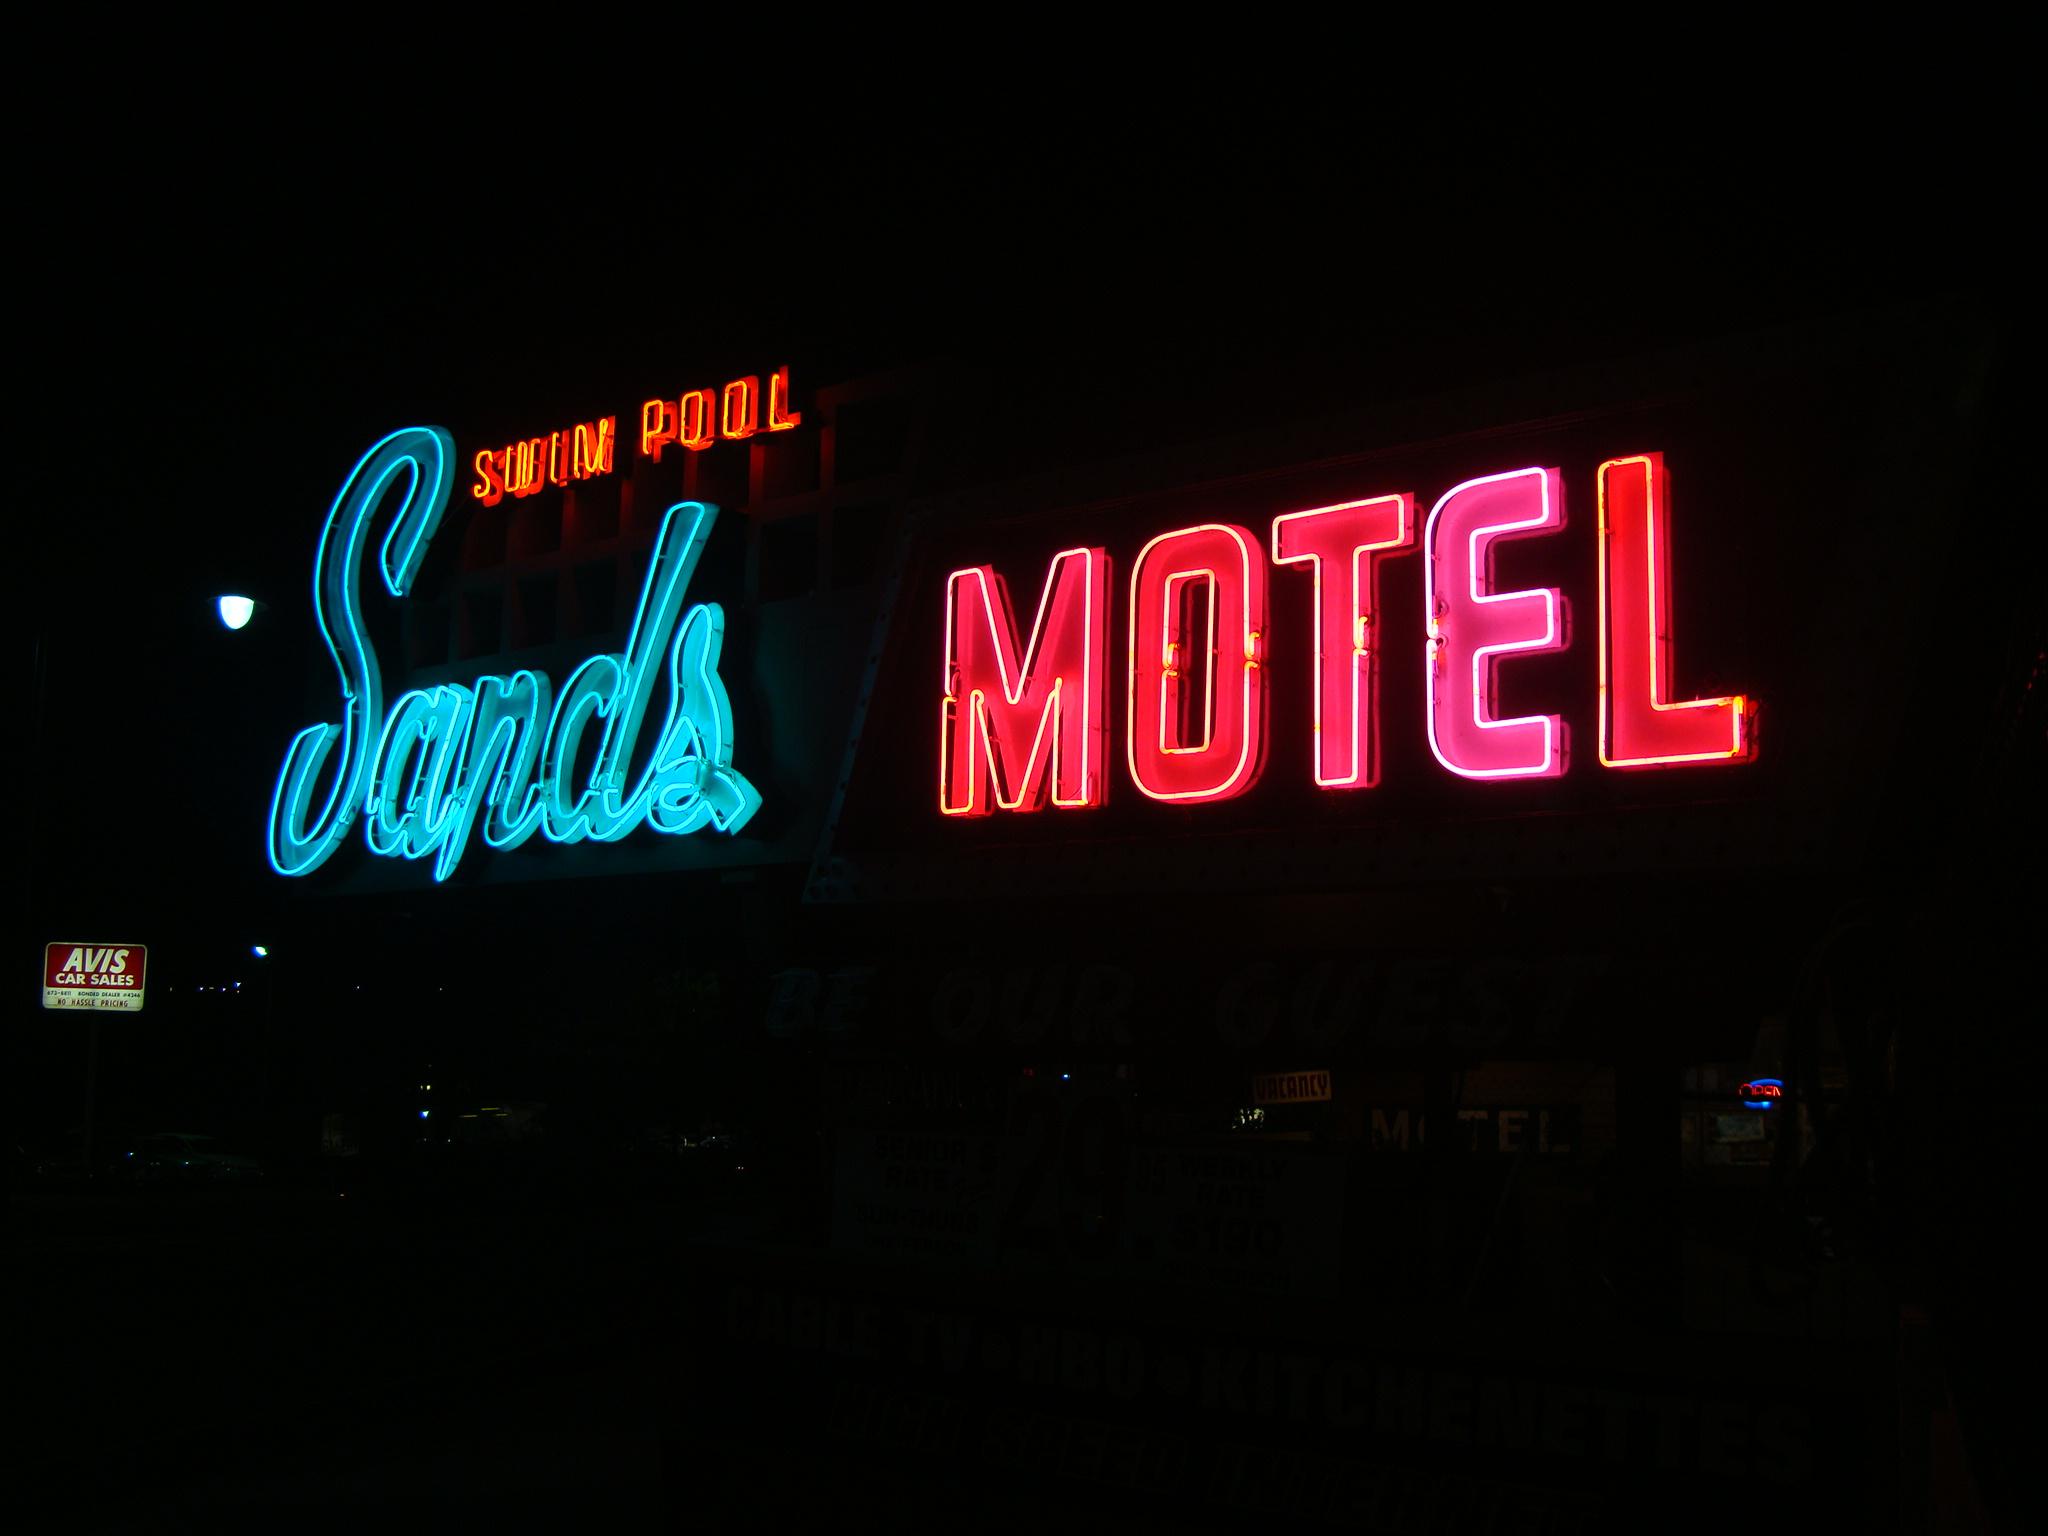 Sands Motel - 581 East Saint George Boulevard, Saint George, Utah U.S.A. - October 17, 2008